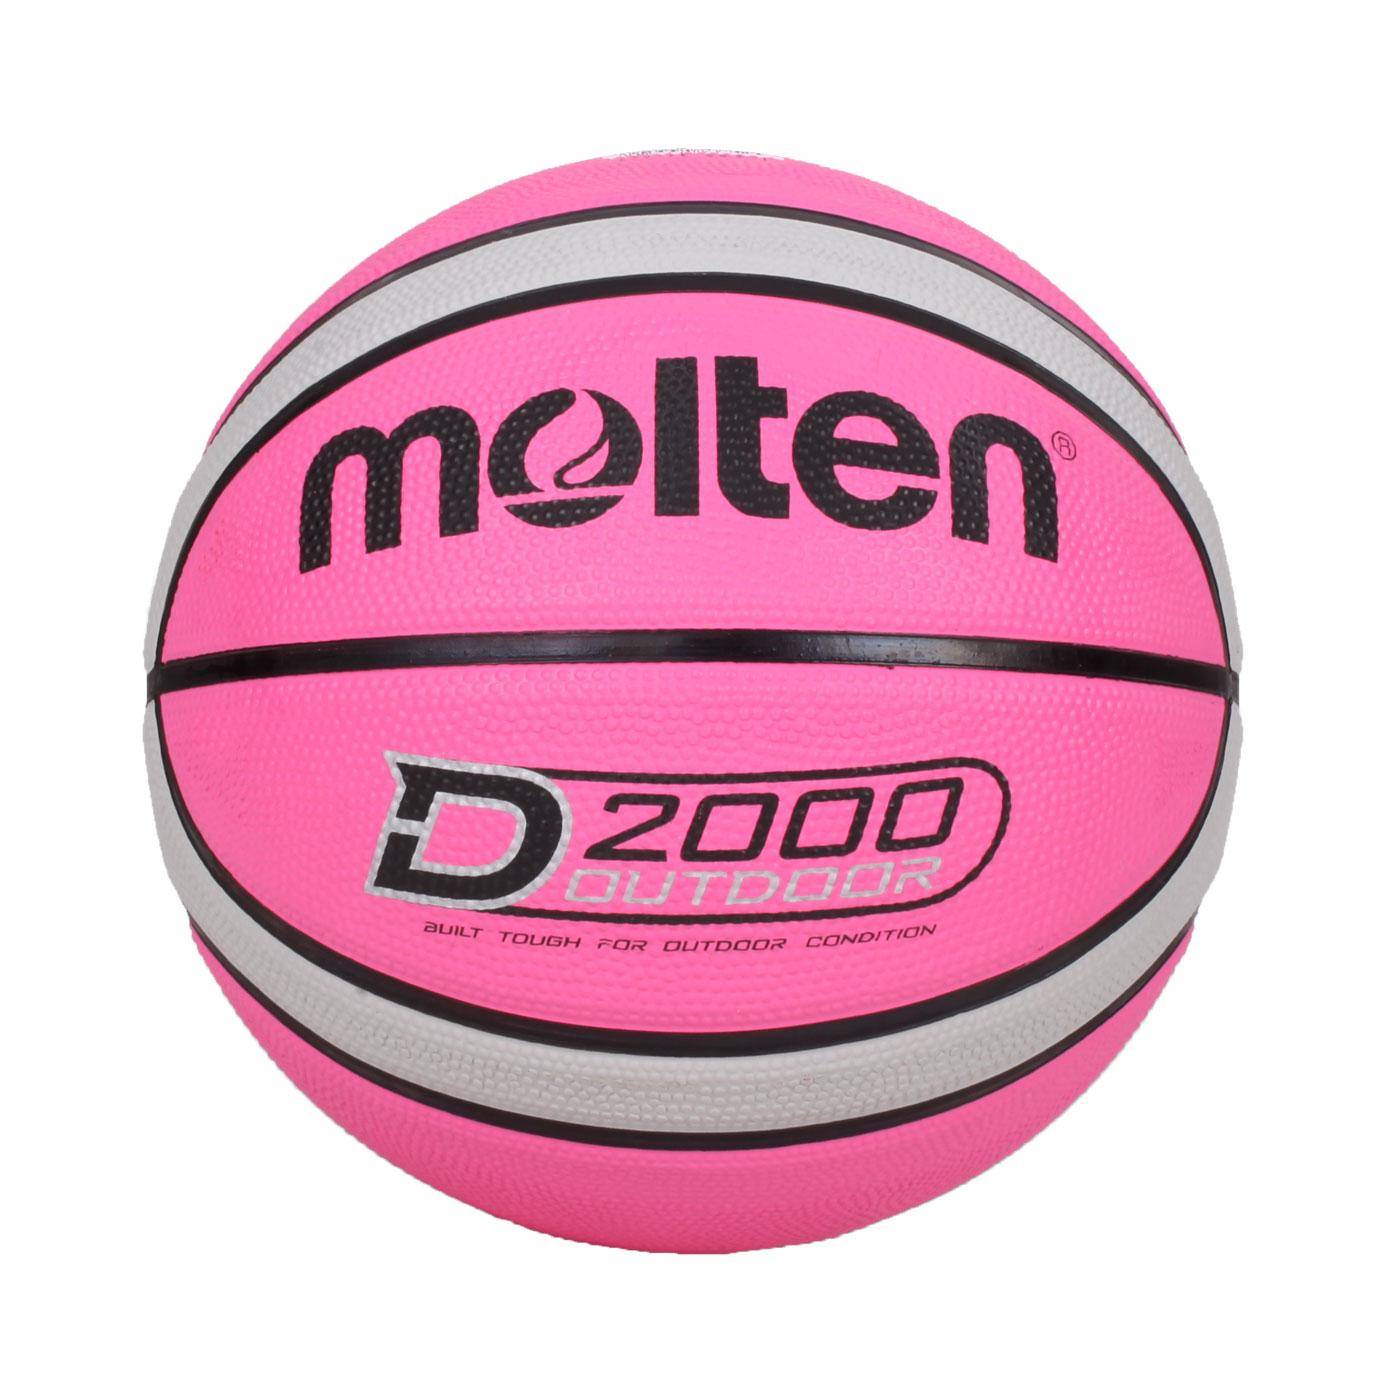 Molten #6橡膠深溝12片貼籃球 B6D2005-PH